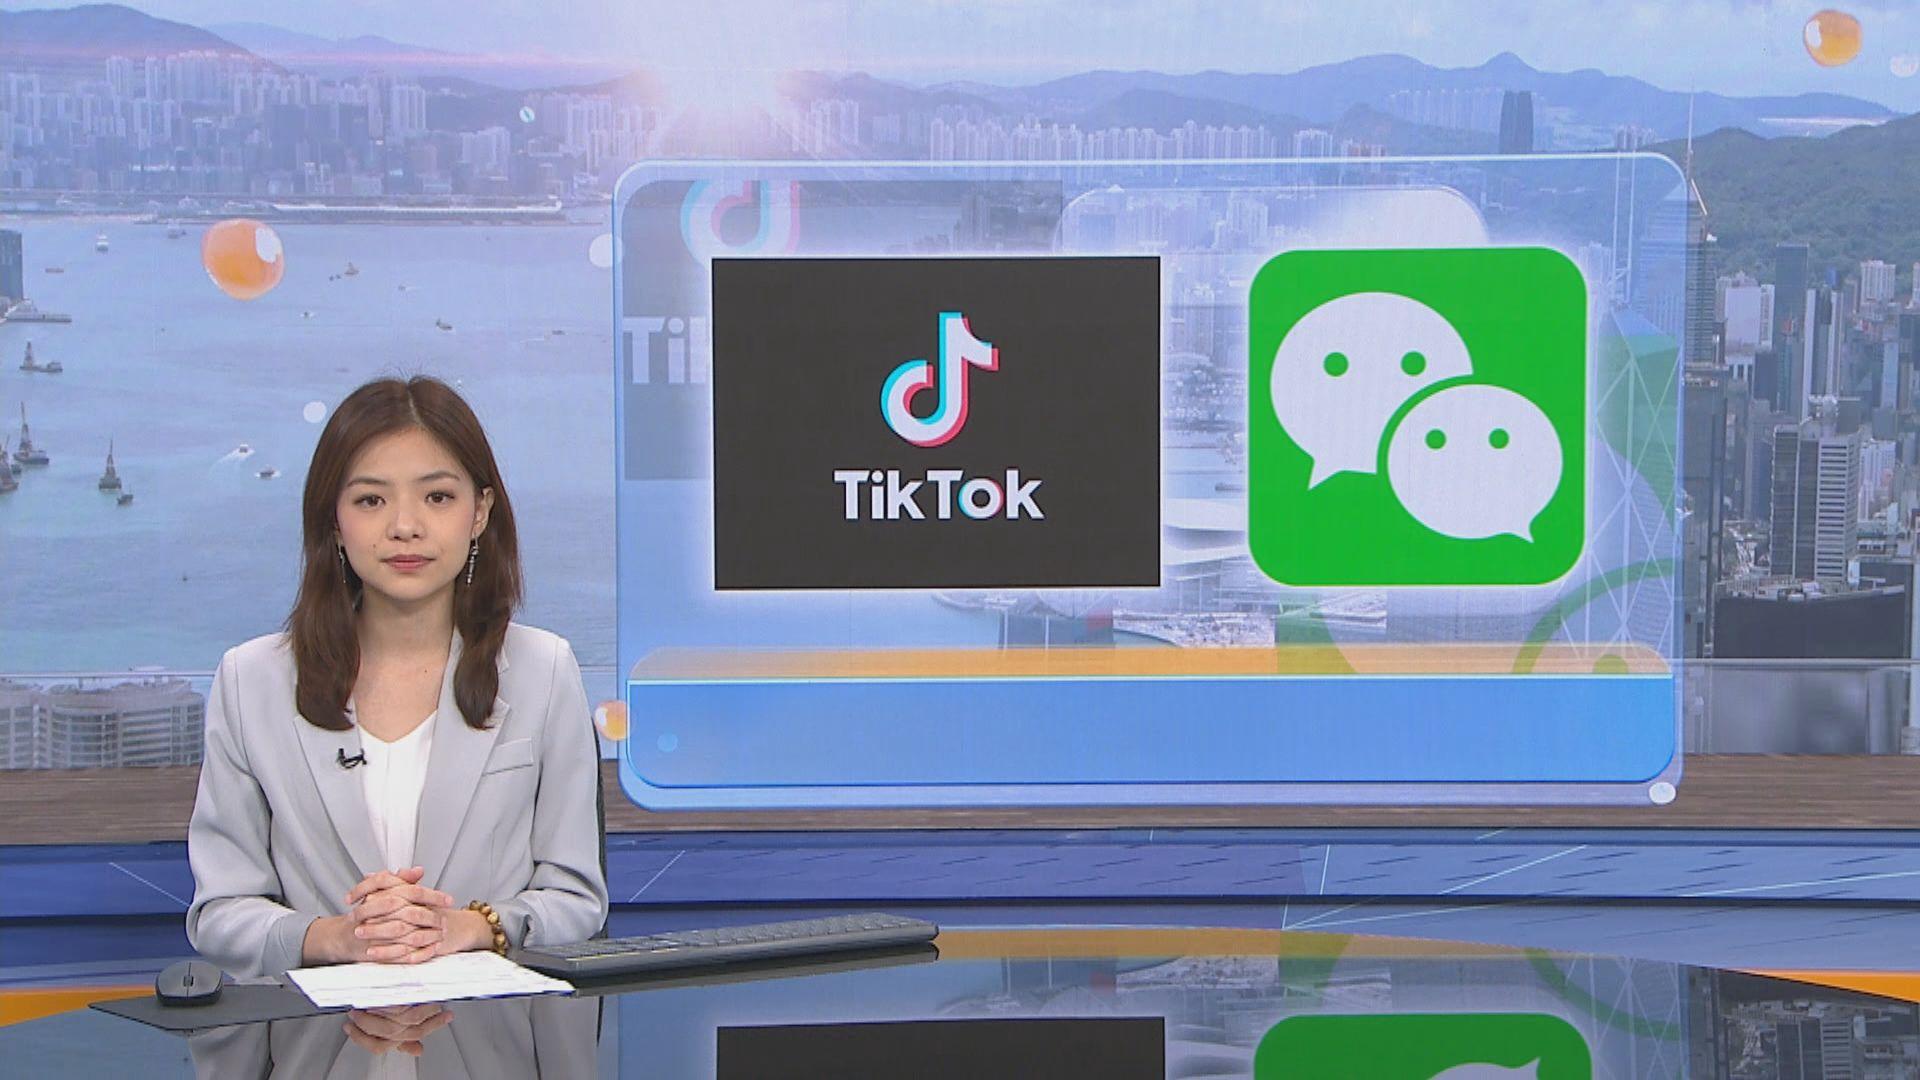 【遭禁更新下載】TikTok:續對美行政訴訟;騰訊:續與美溝通爭長期解決方案